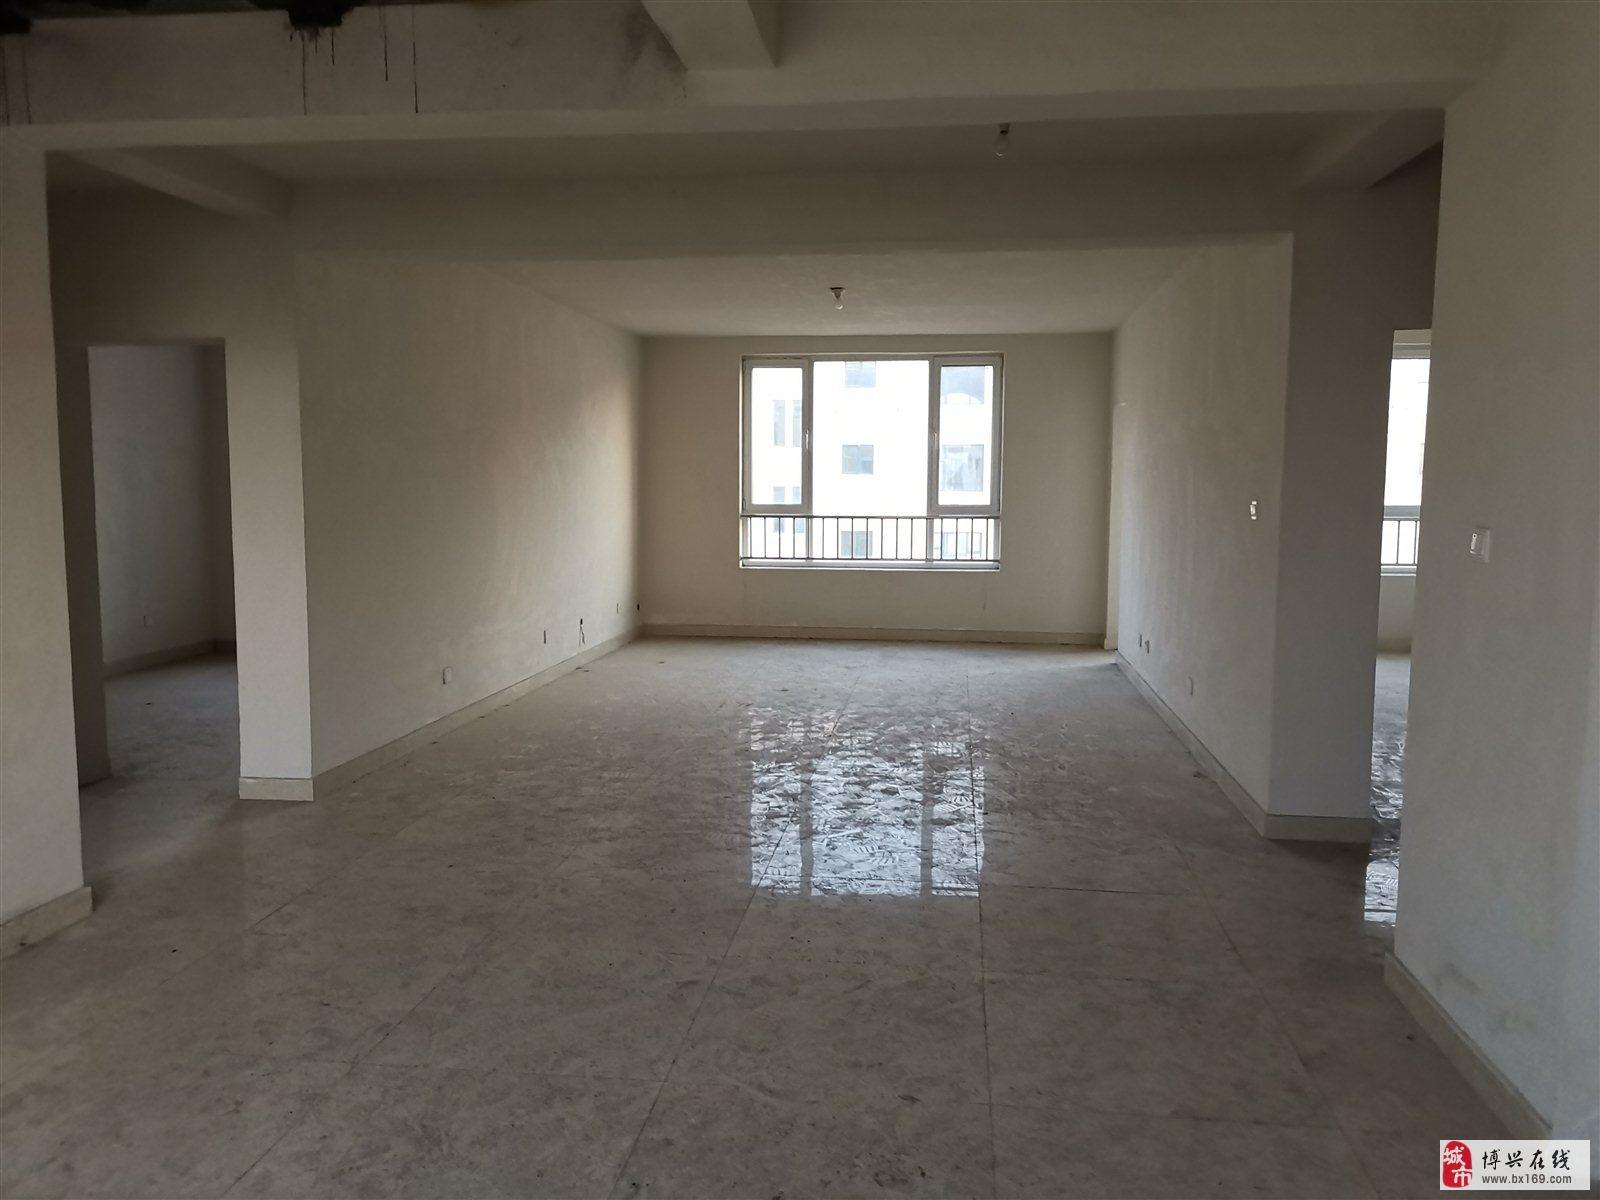 1784溪湖铭筑6室3厅2卫248万元